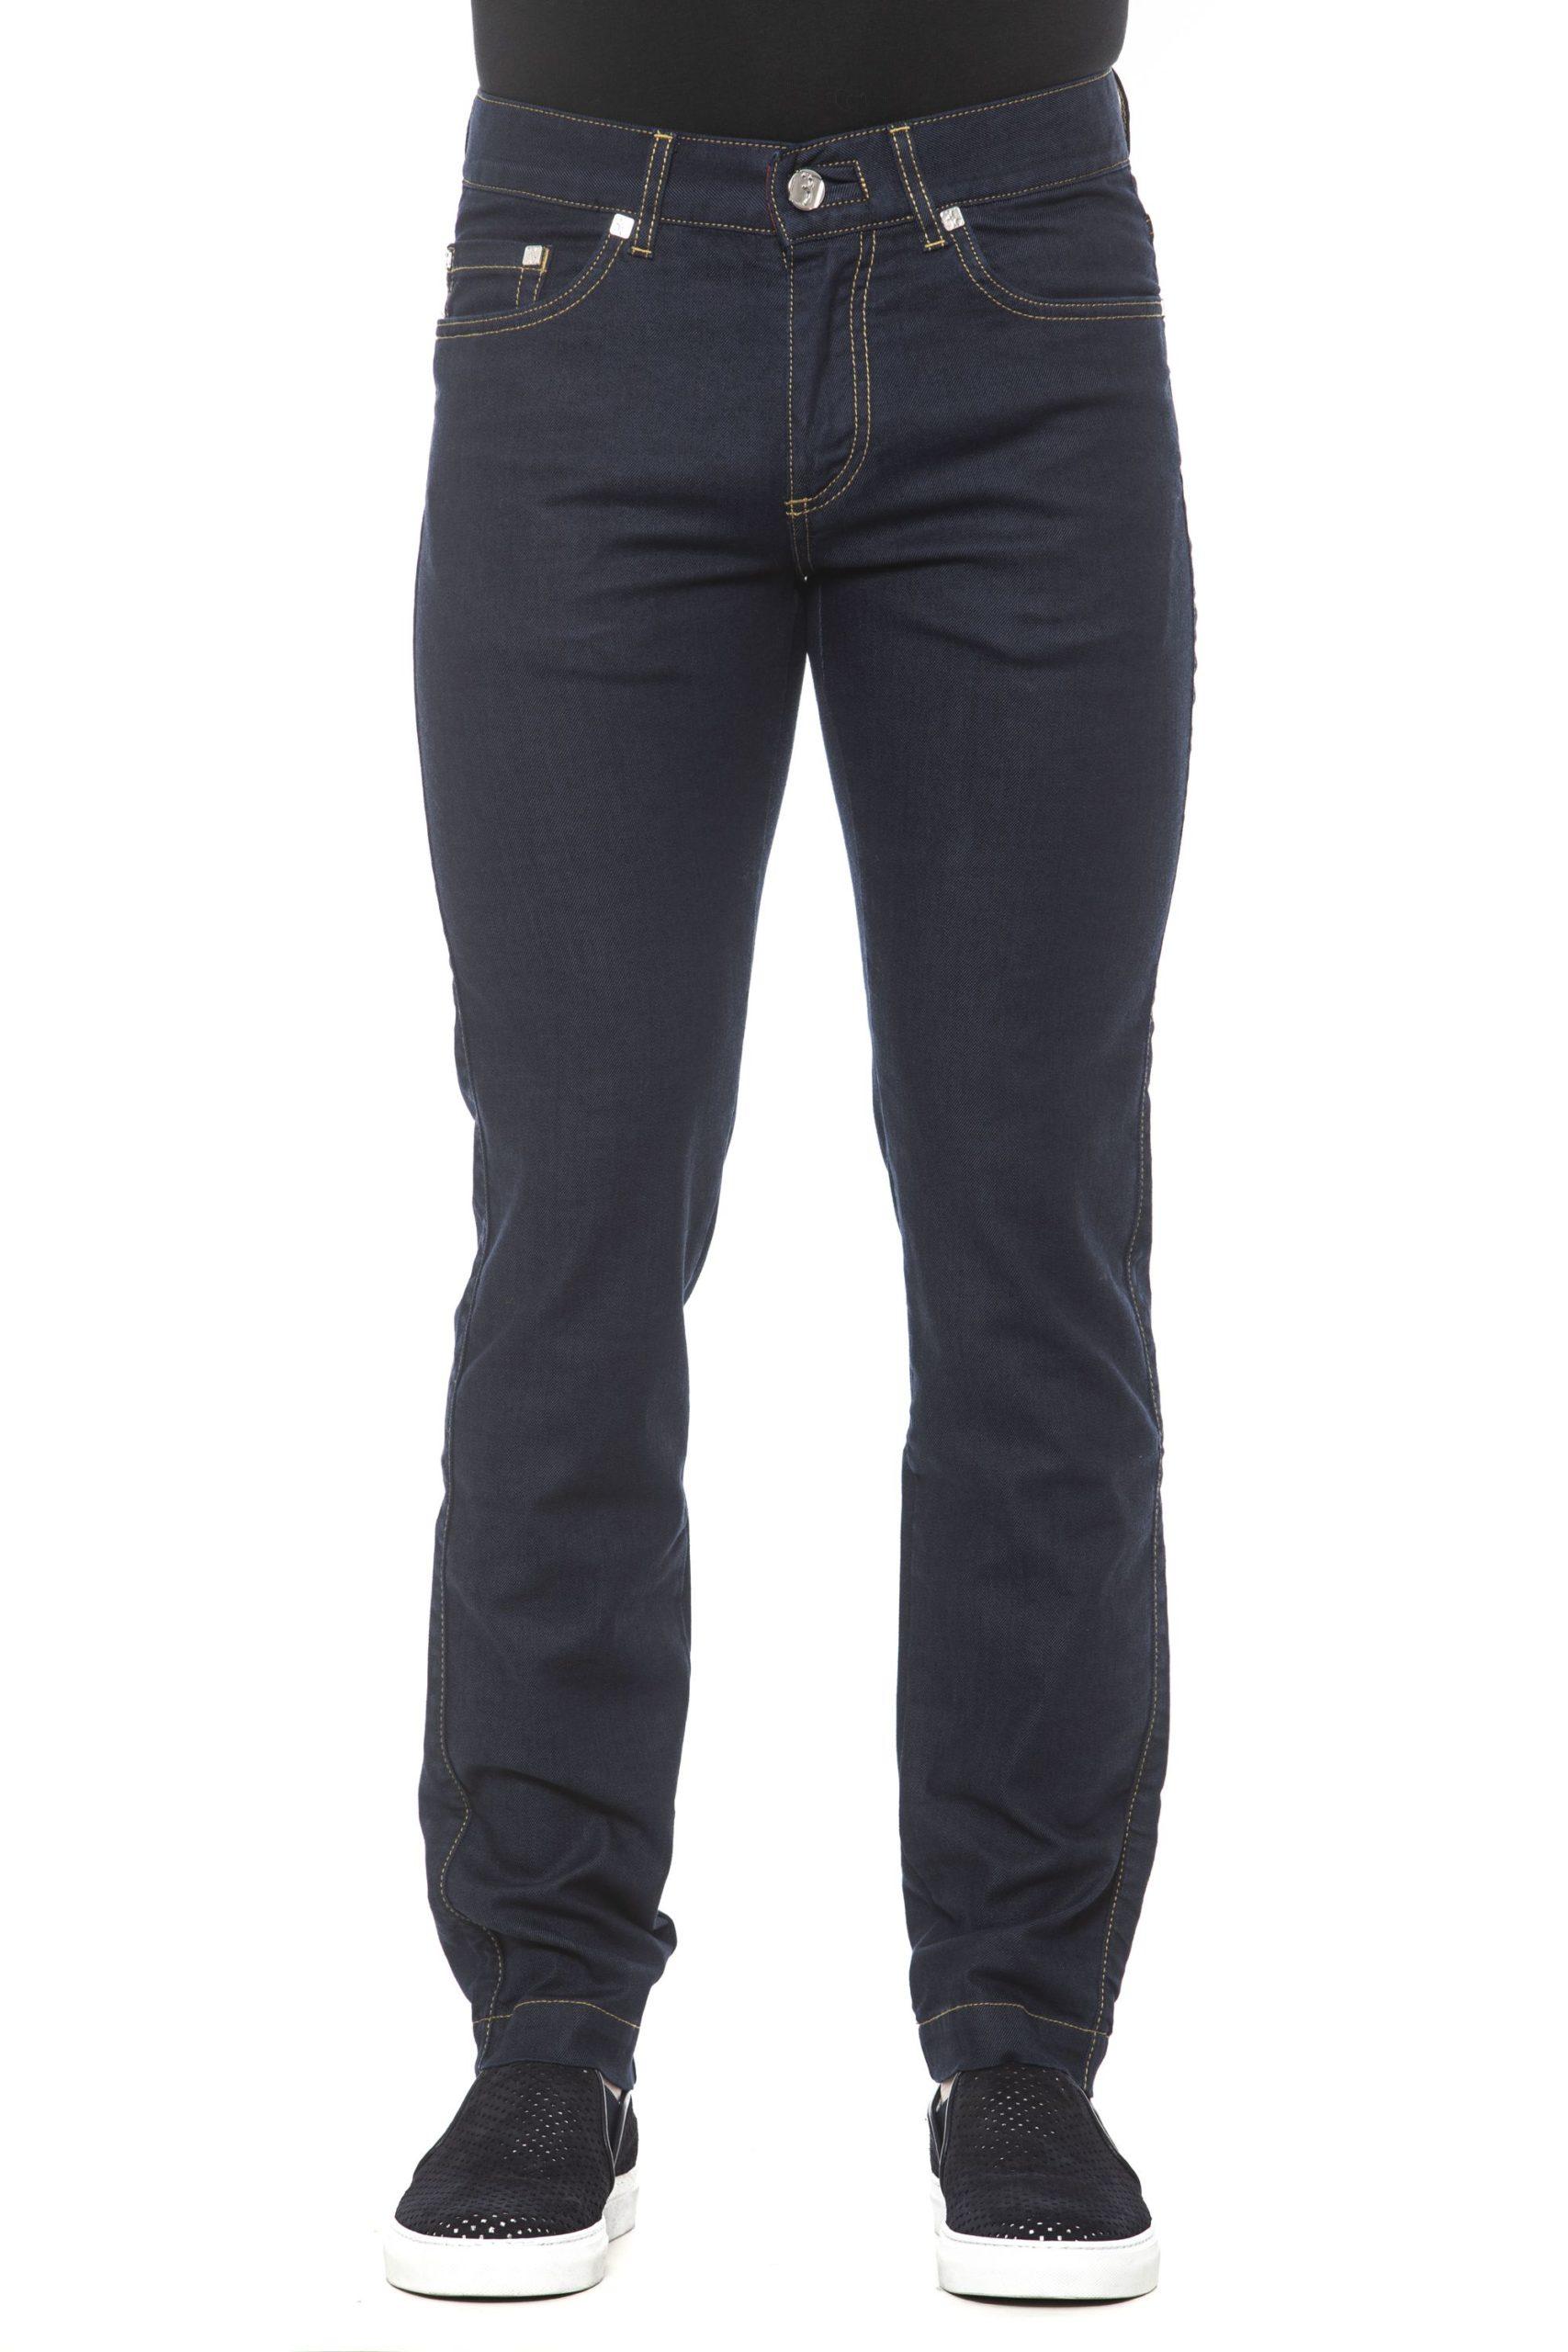 Billionaire Italian Couture Men's Jeans Blue BI1405212 - IT46   S